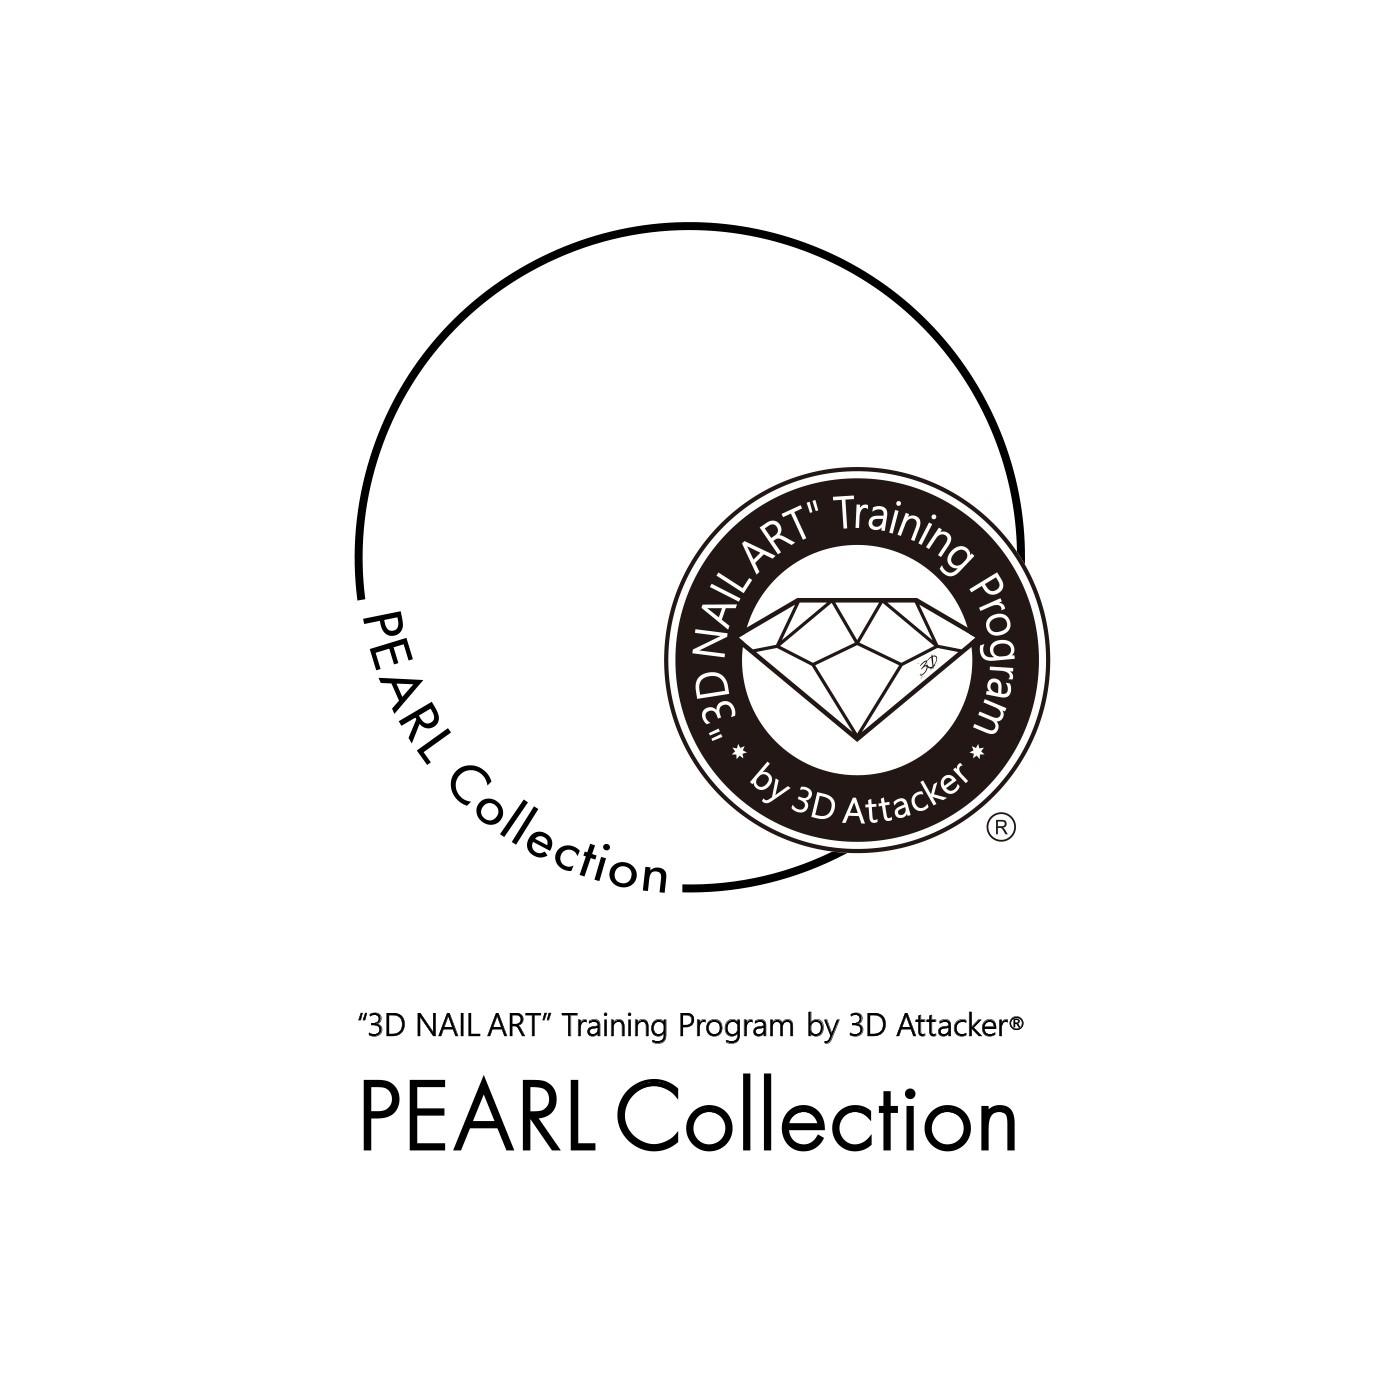 急募◆11月14日(木)Perl Collection(パールコレクション)セミナー開催